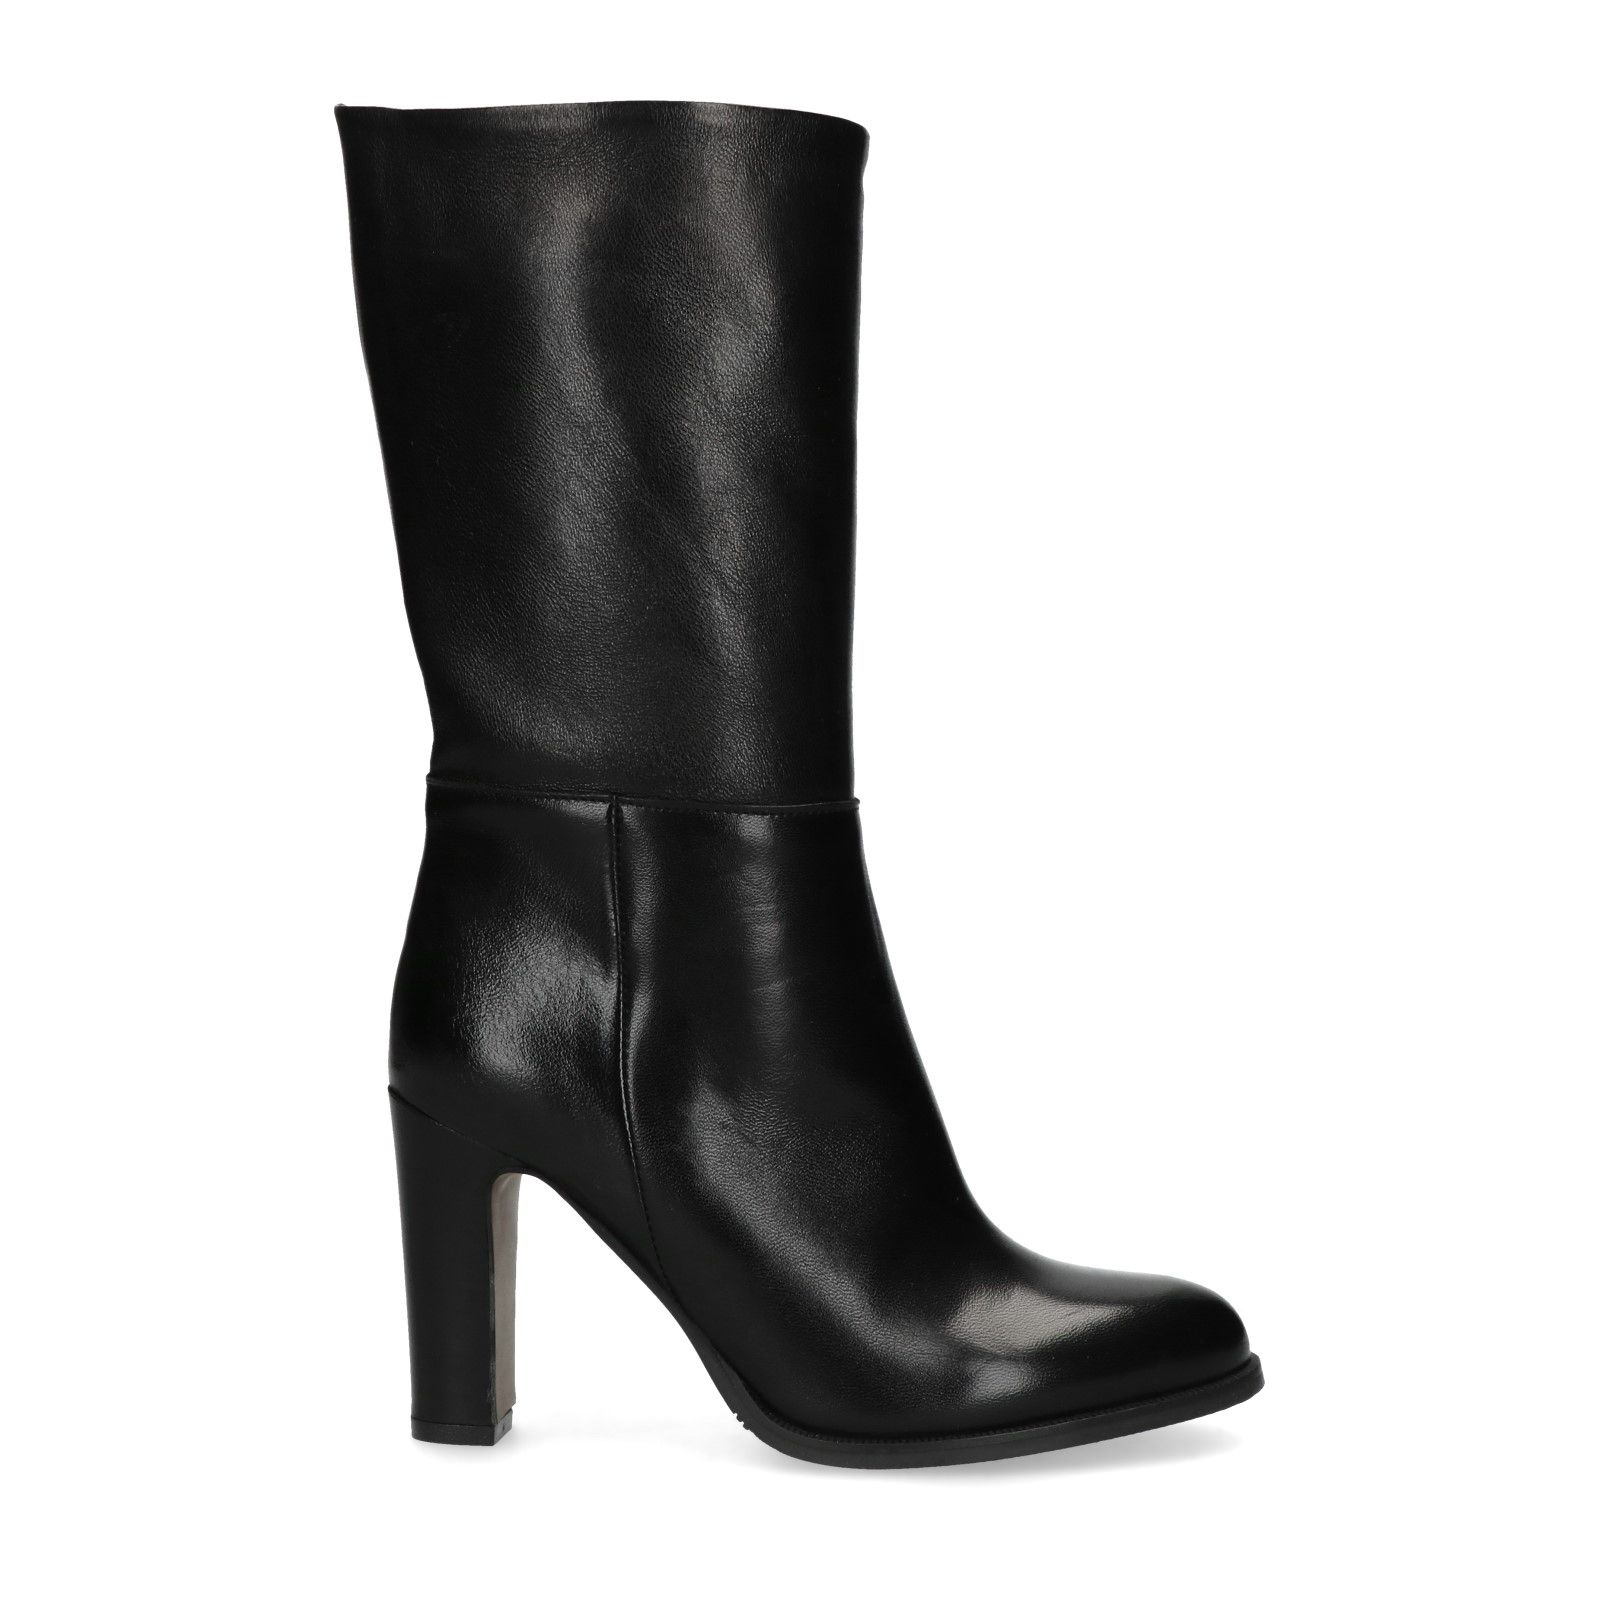 Zwarte leren hoge laarzen met hak Dames | MANFIELD